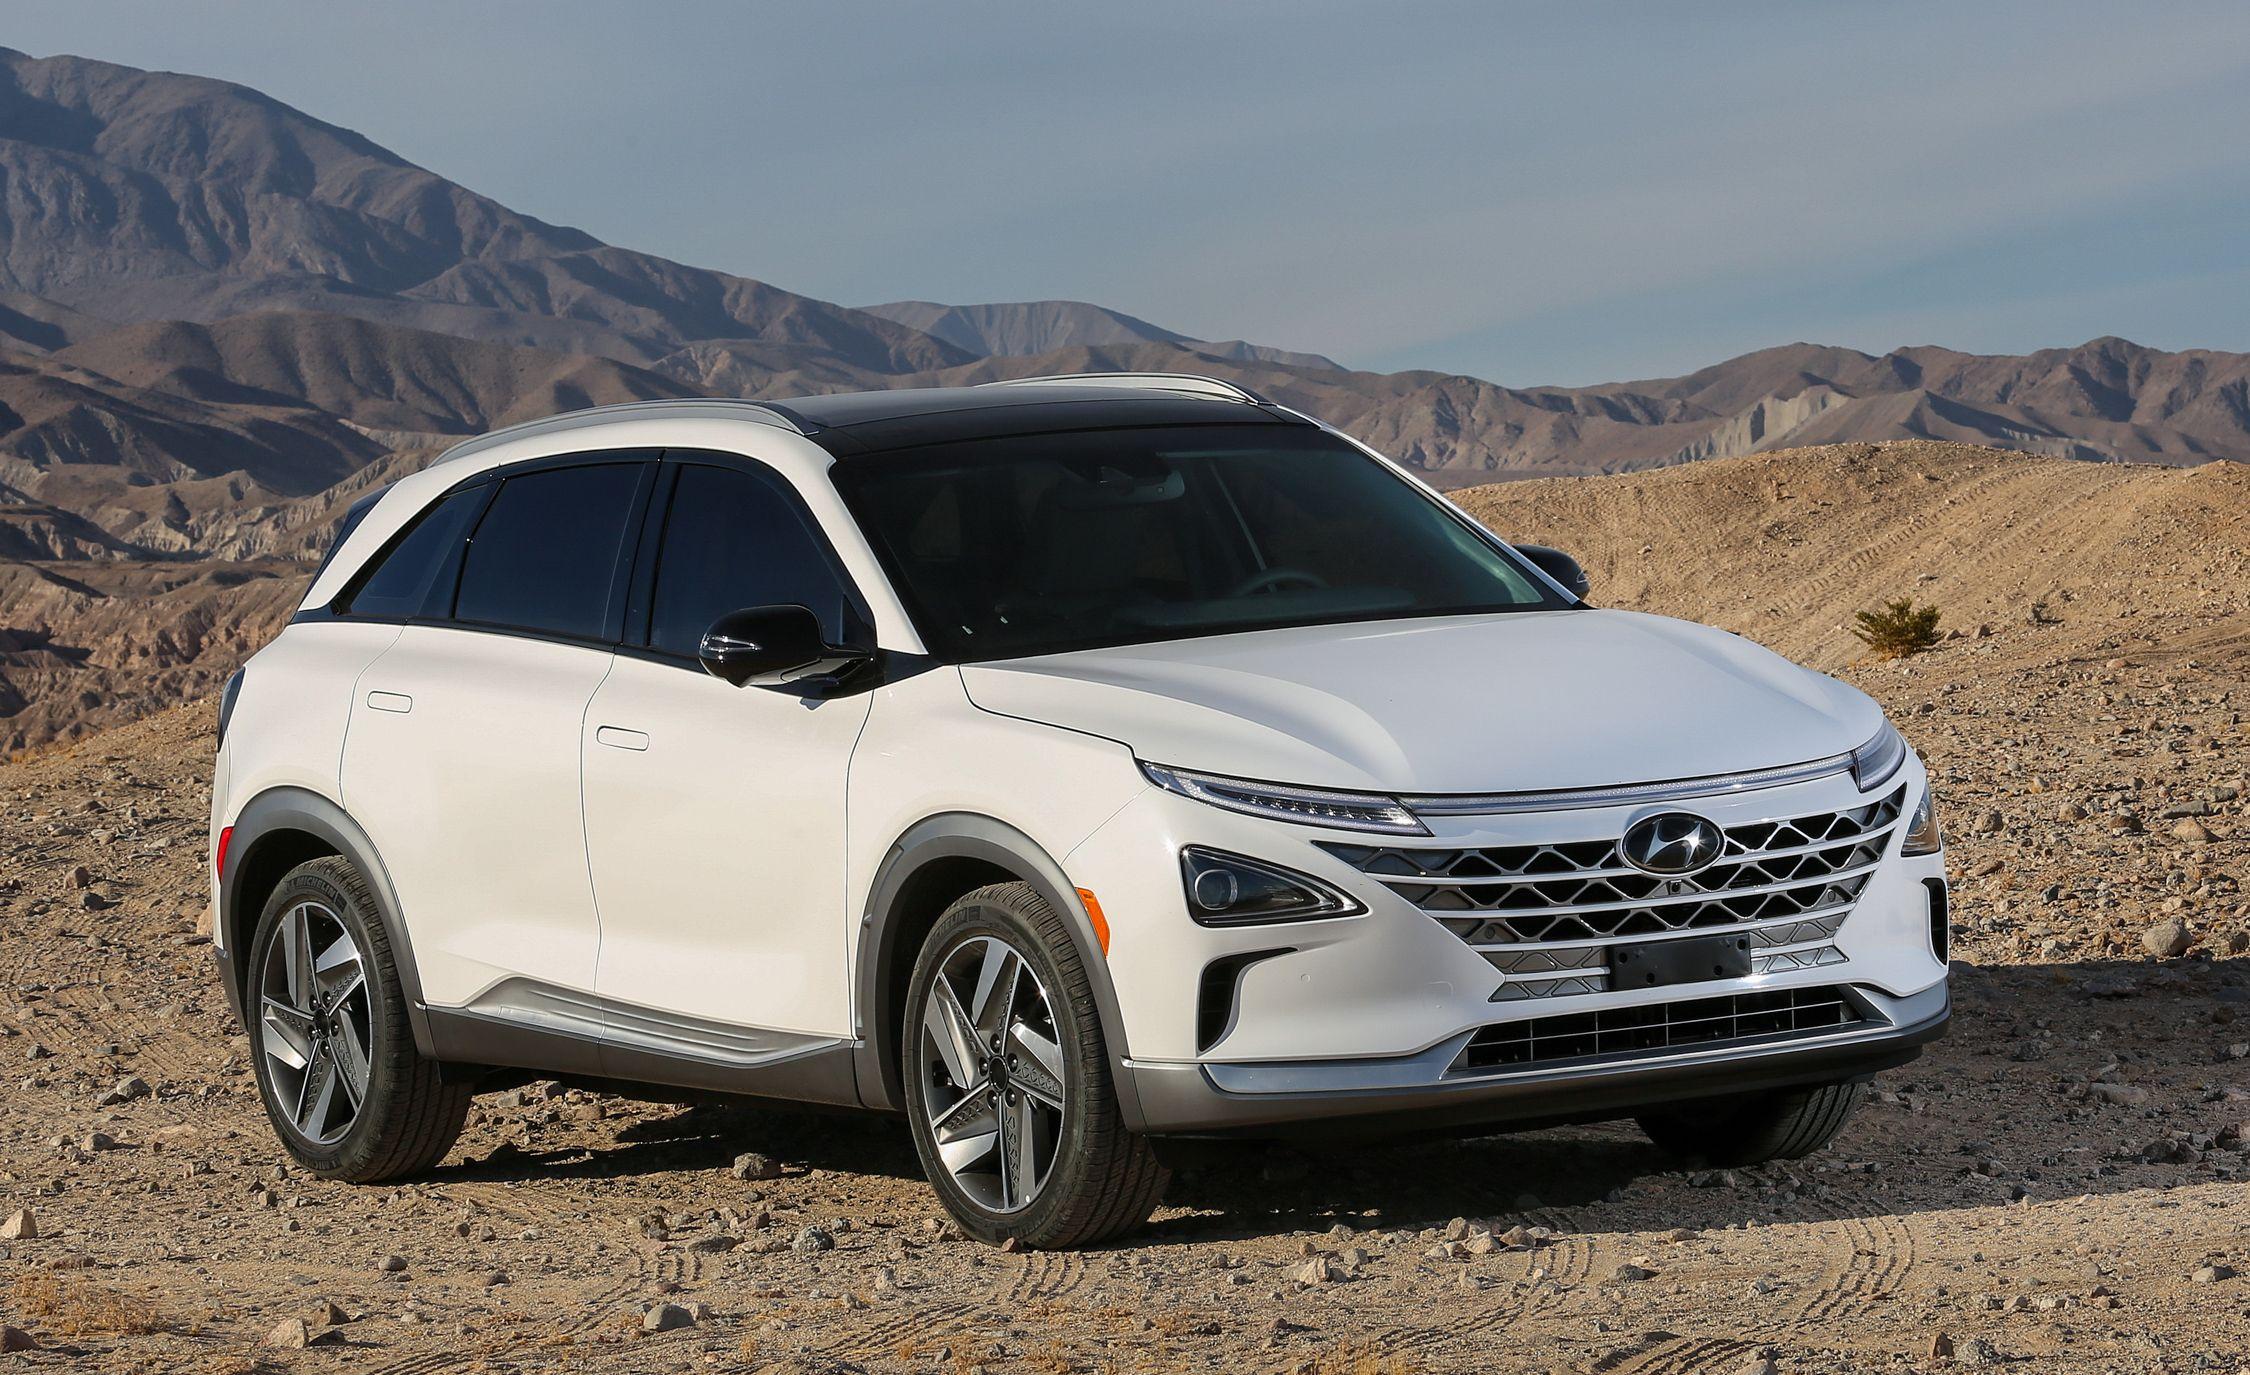 Hyundai nexo reviews hyundai nexo price photos and specs car hyundai nexo reviews hyundai nexo price photos and specs car and driver fandeluxe Images